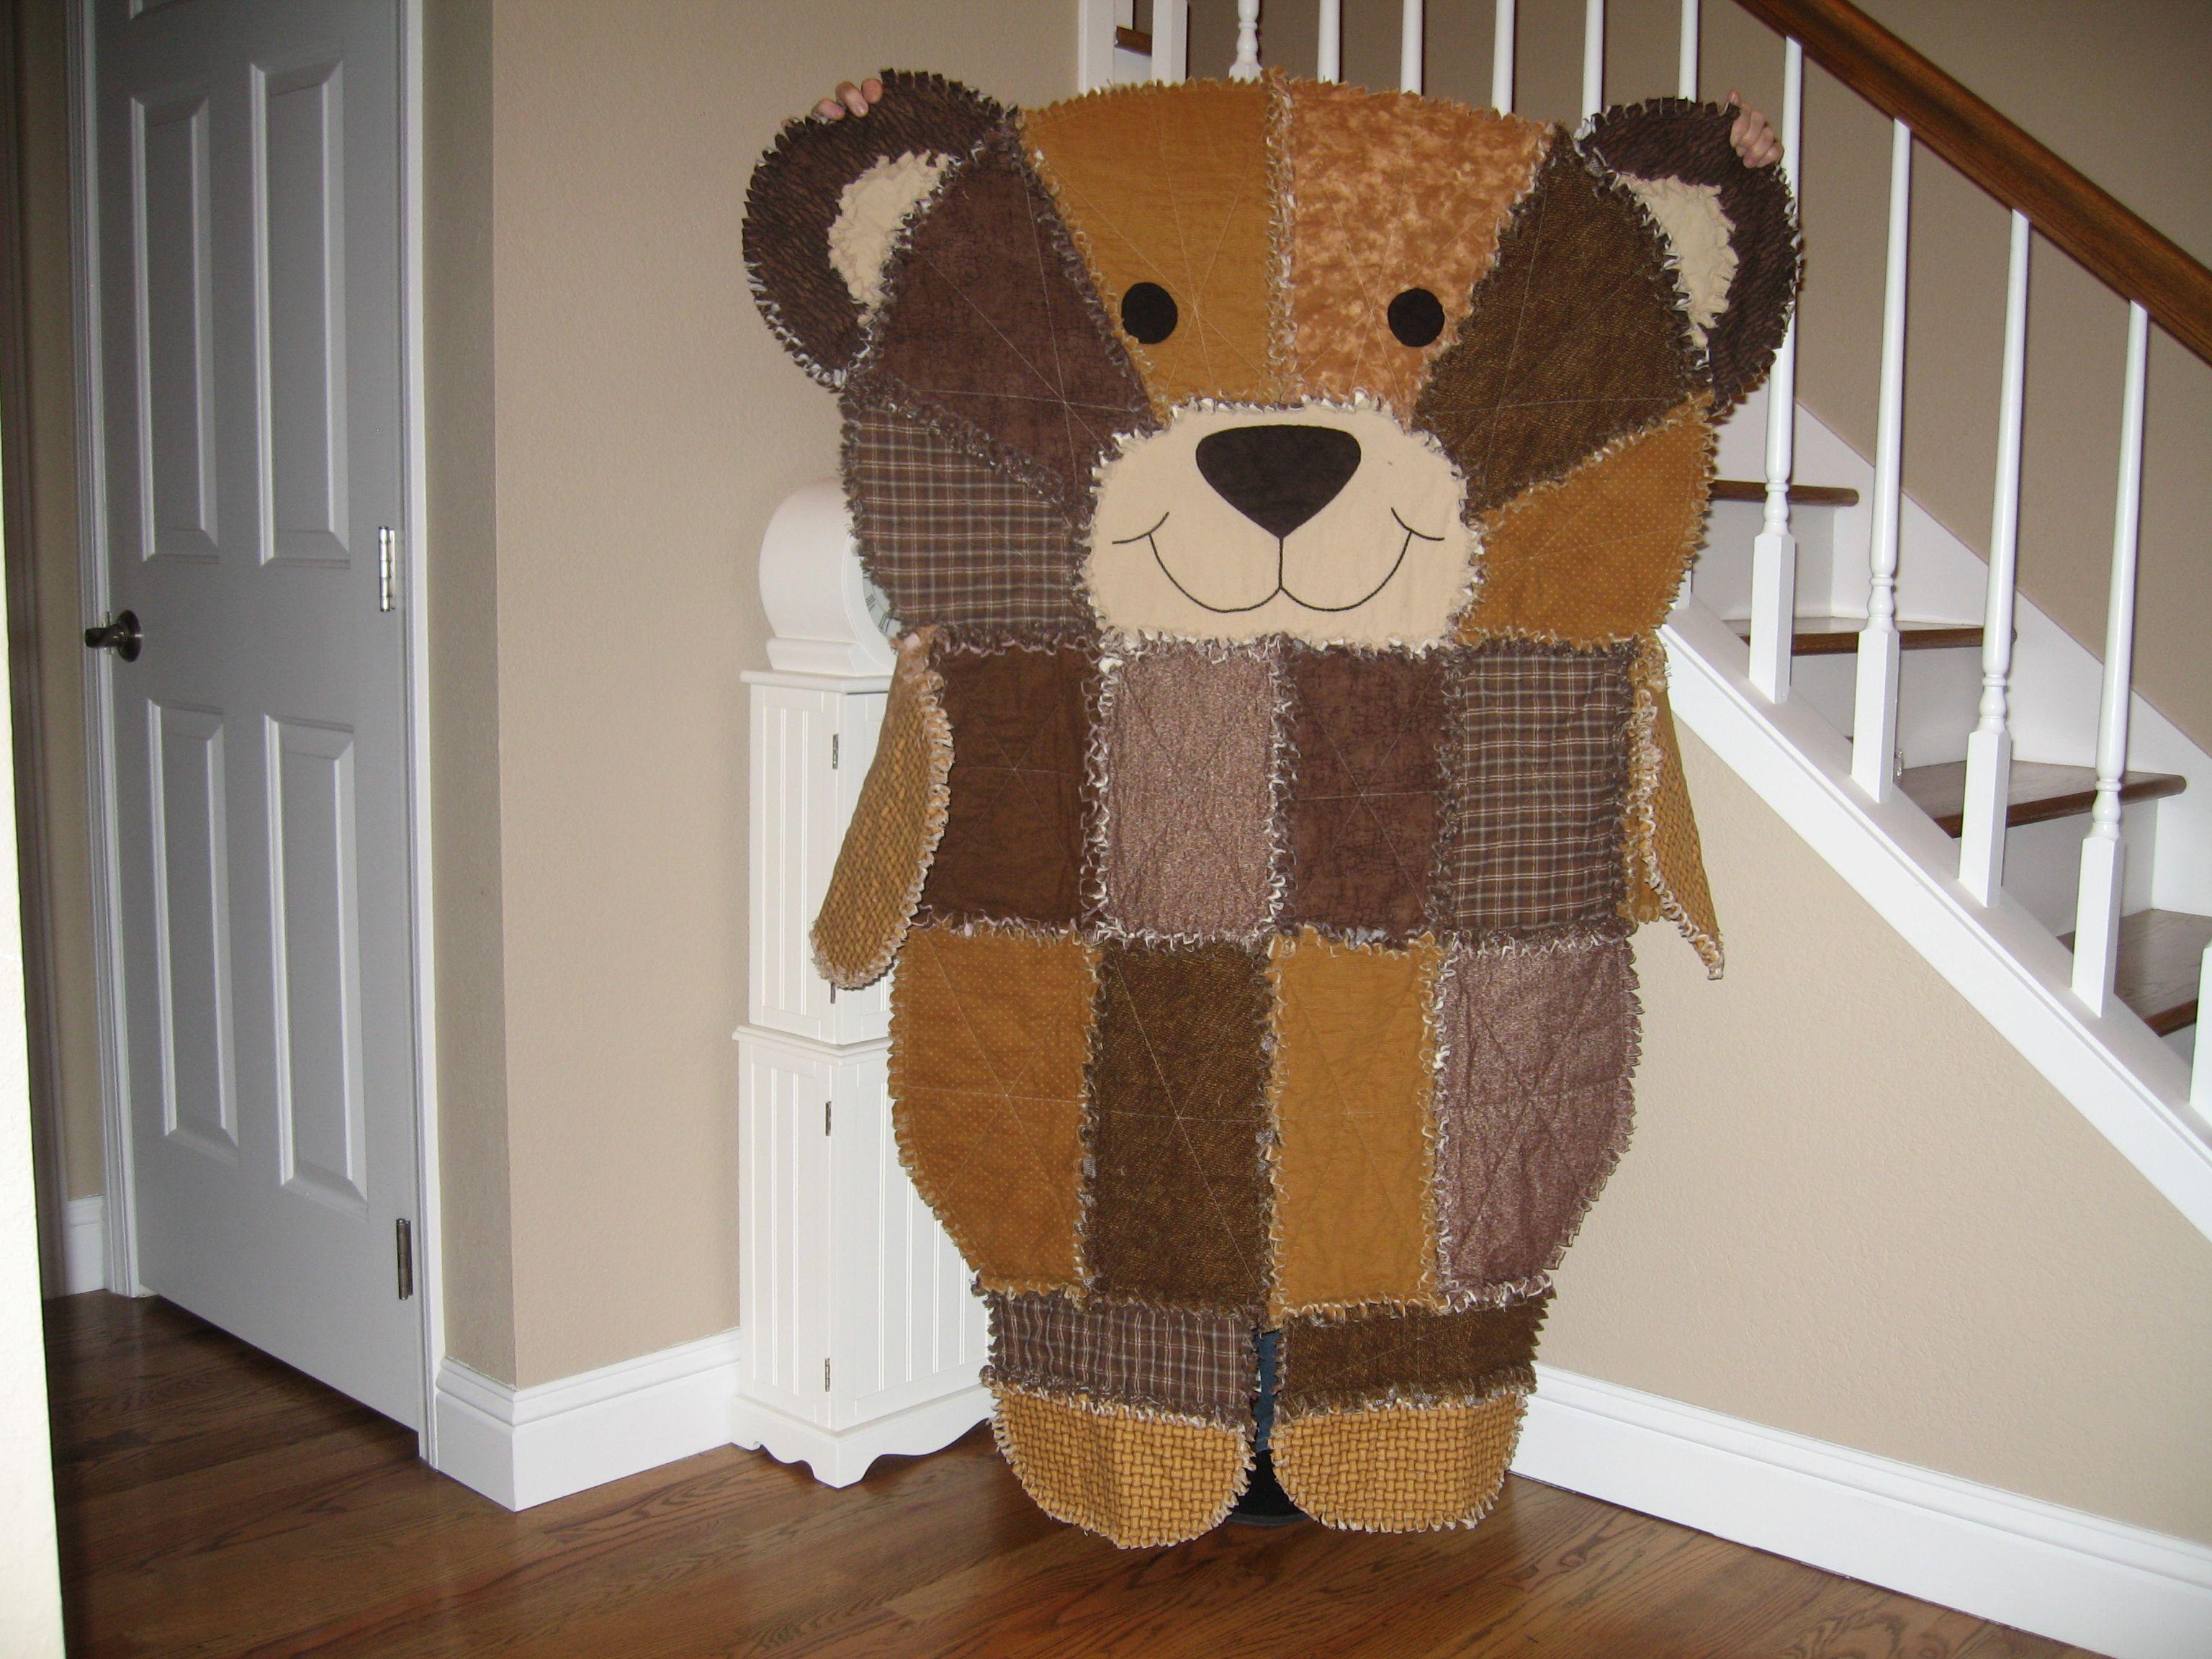 Teddy Bear Quilt**Teddy Bear**New Baby**Nursery**Shower Gift**New Mother**Infant Teddy Bear Quilt**Teddy Bear**Baby Blanket**Quilt